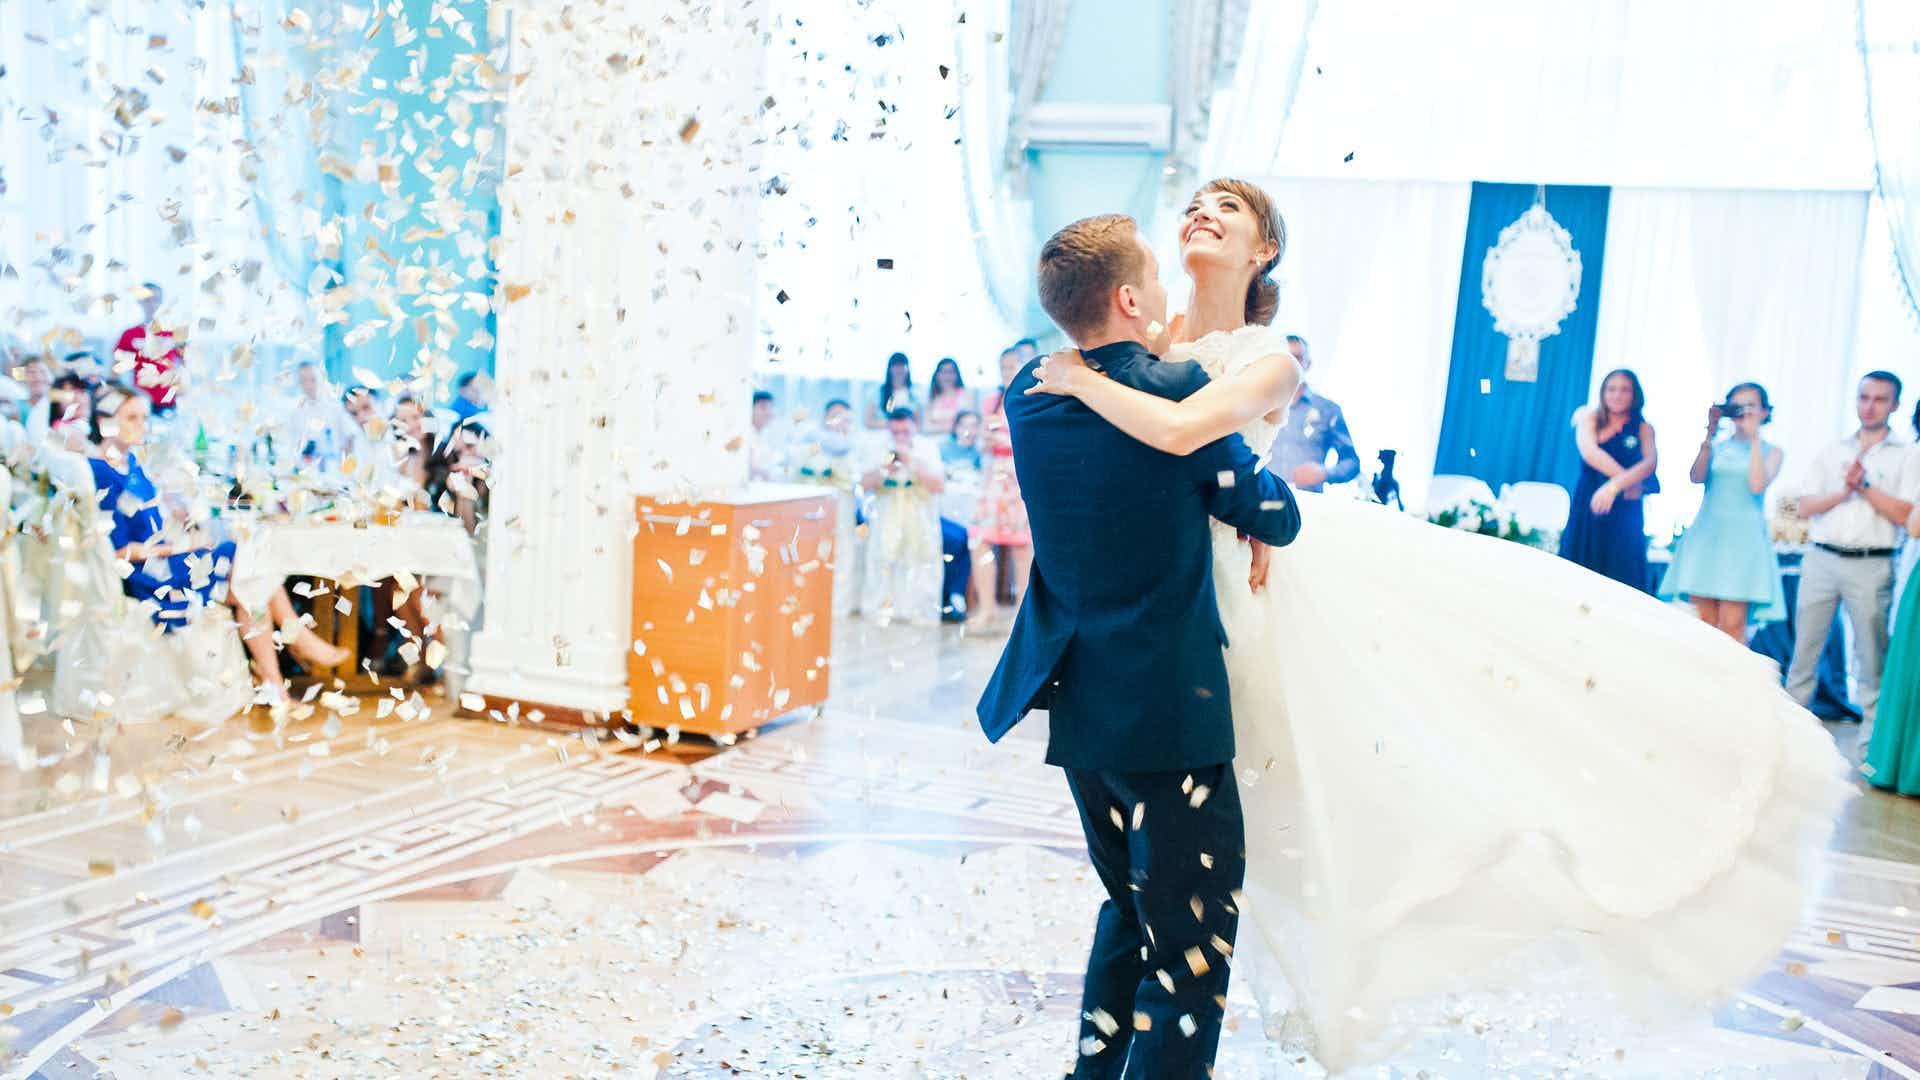 huwelijk muziek bruiloft boeken